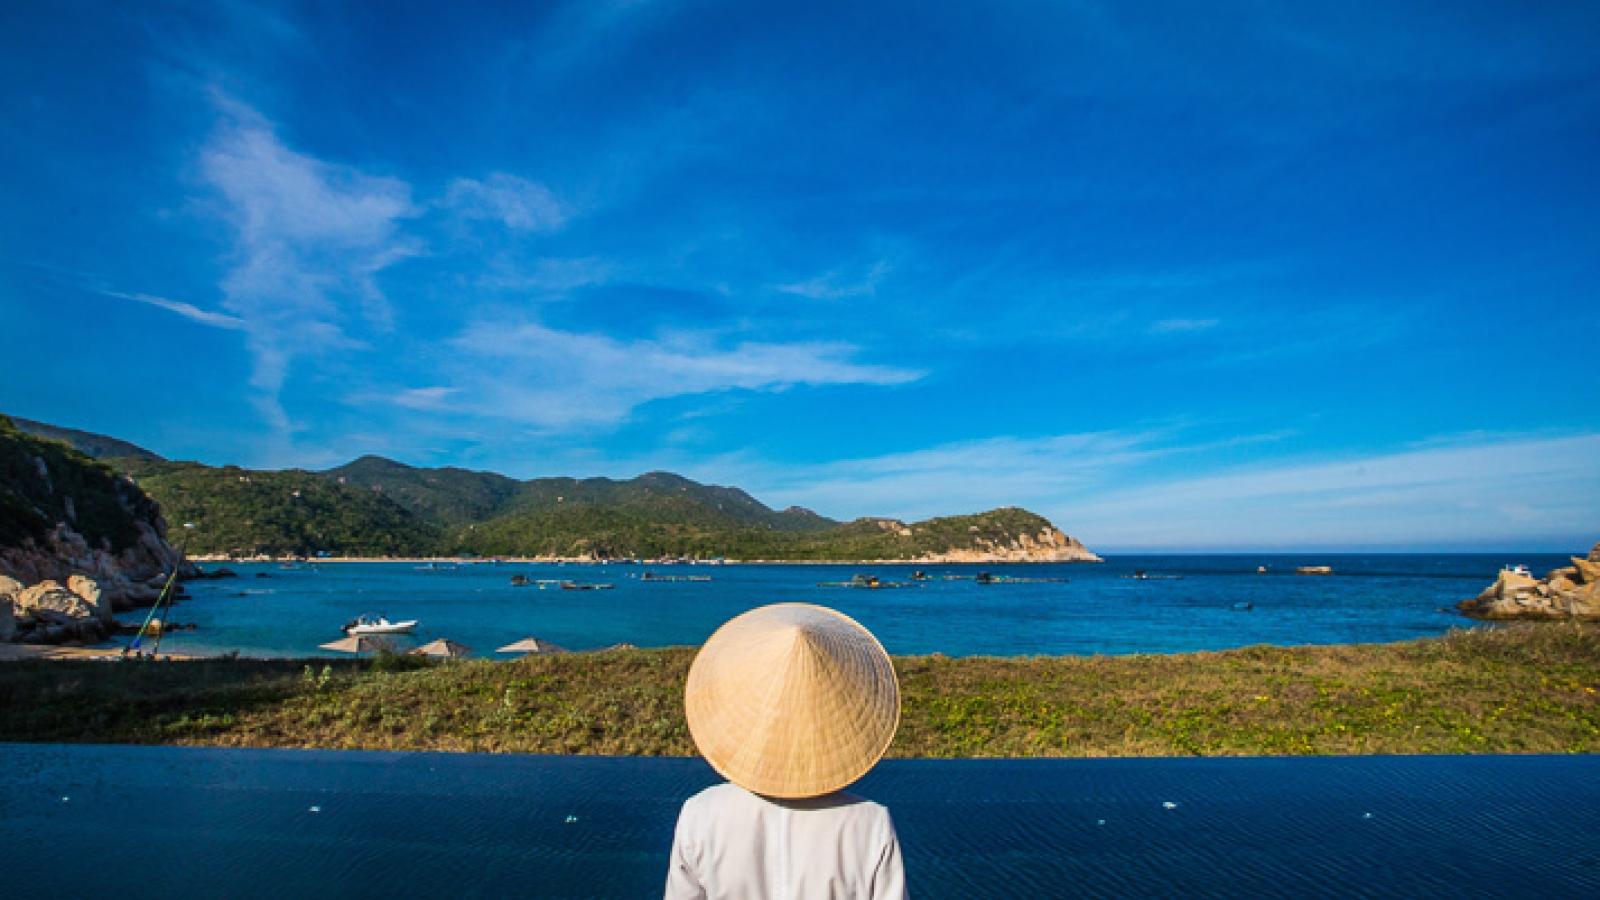 Hình ảnh tuyệt đẹp về Việt Nam chính thức lên sóng CNN